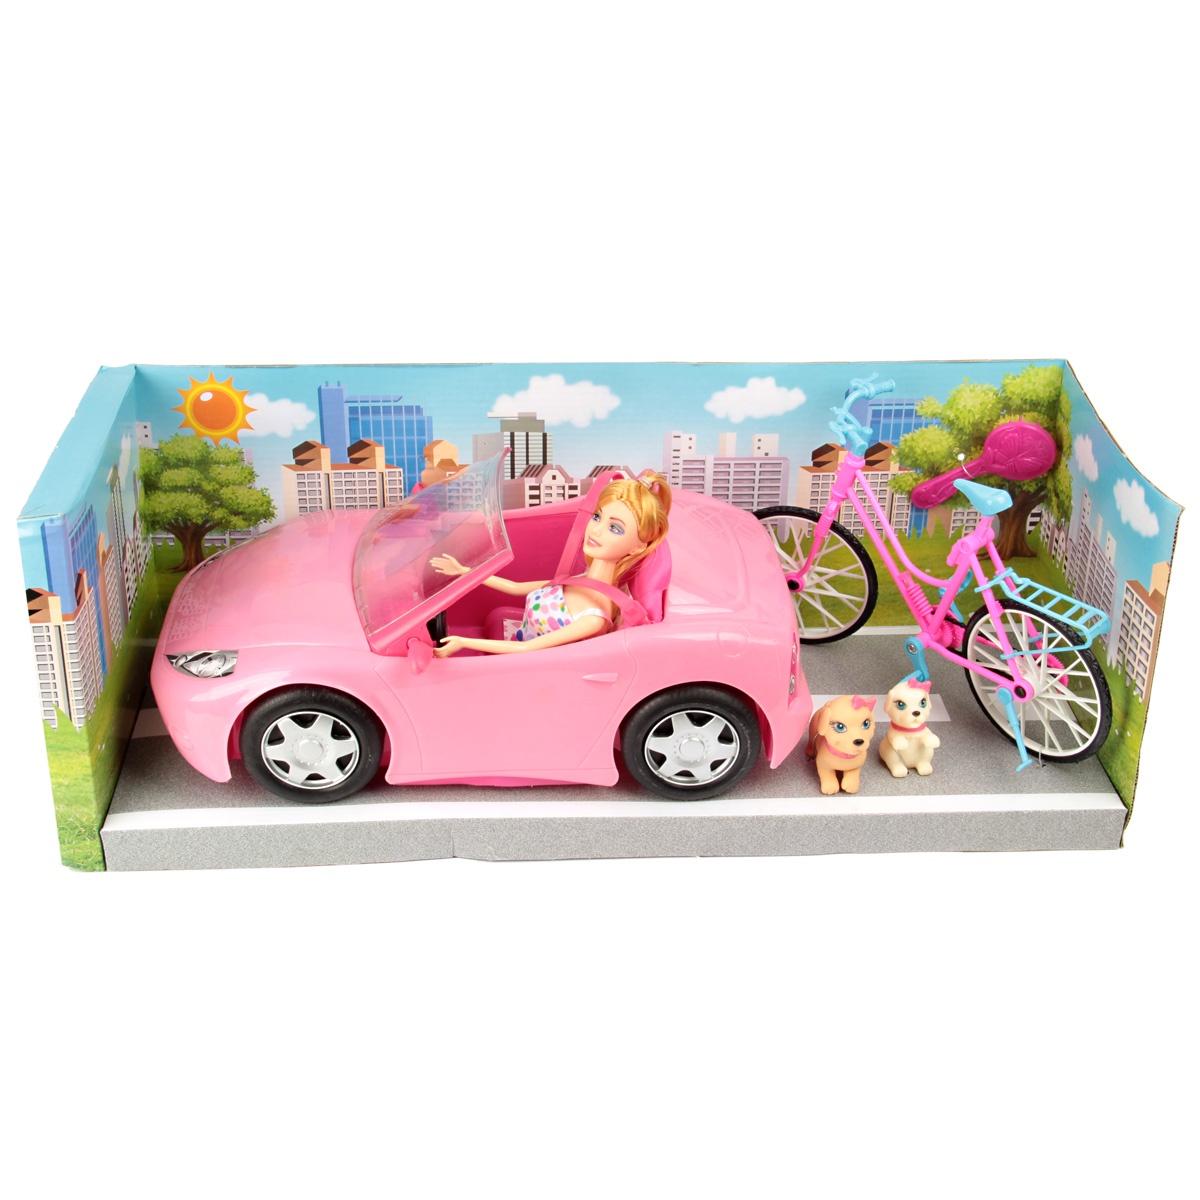 Набор для сюжетной игры Кукла с машиной игры для приставки руль с педалями скачать бесплатно